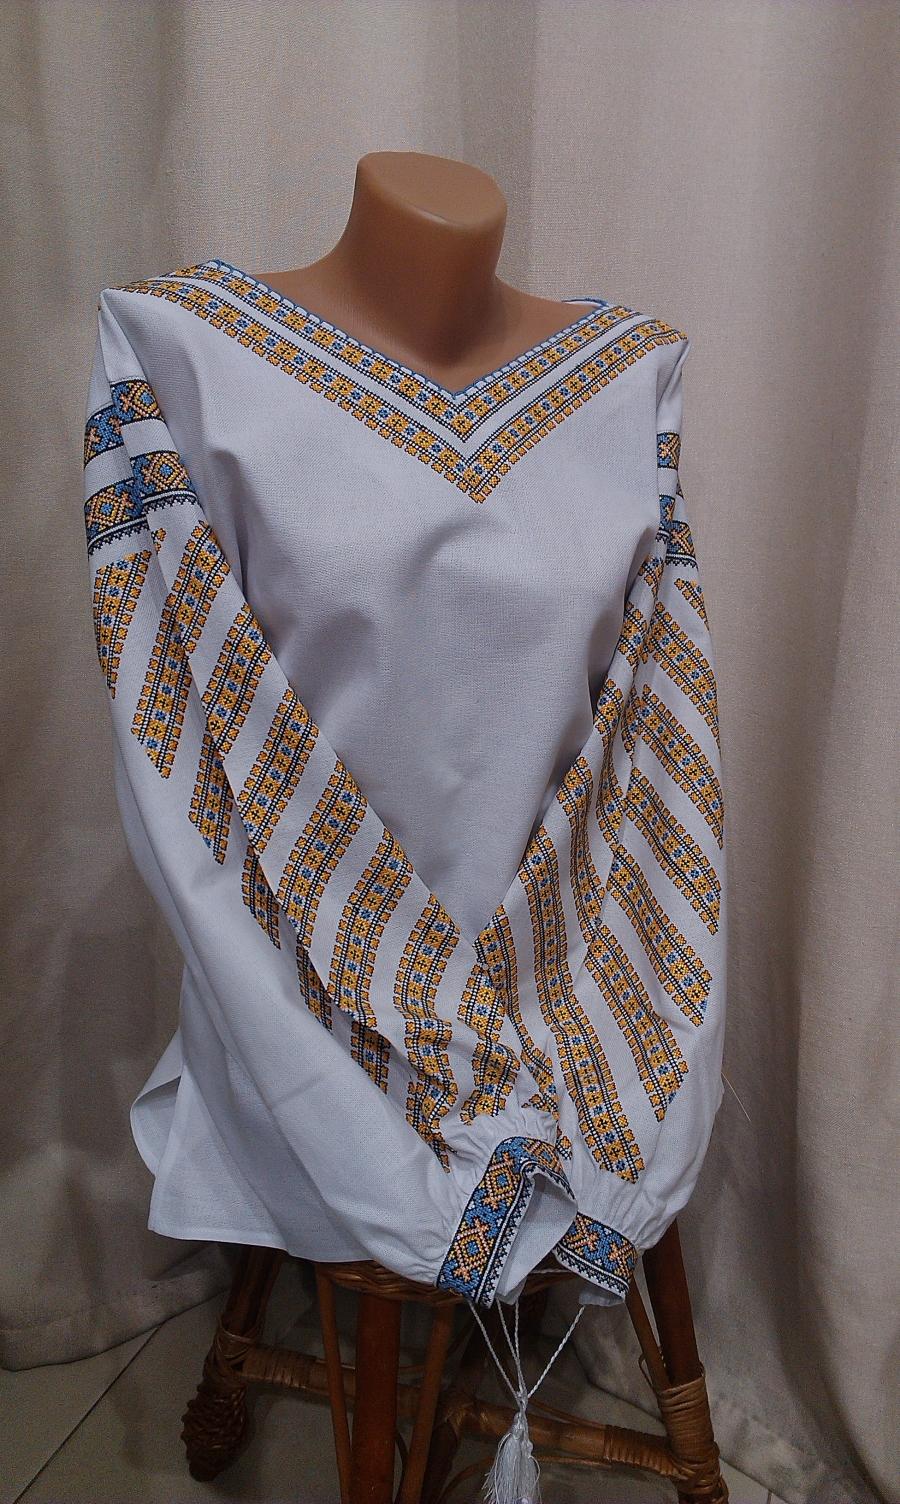 блузка ромб жовта. ціна  3500 грн. Ручна вишивка. Жіночий одяг ... 52e61e4eaad13